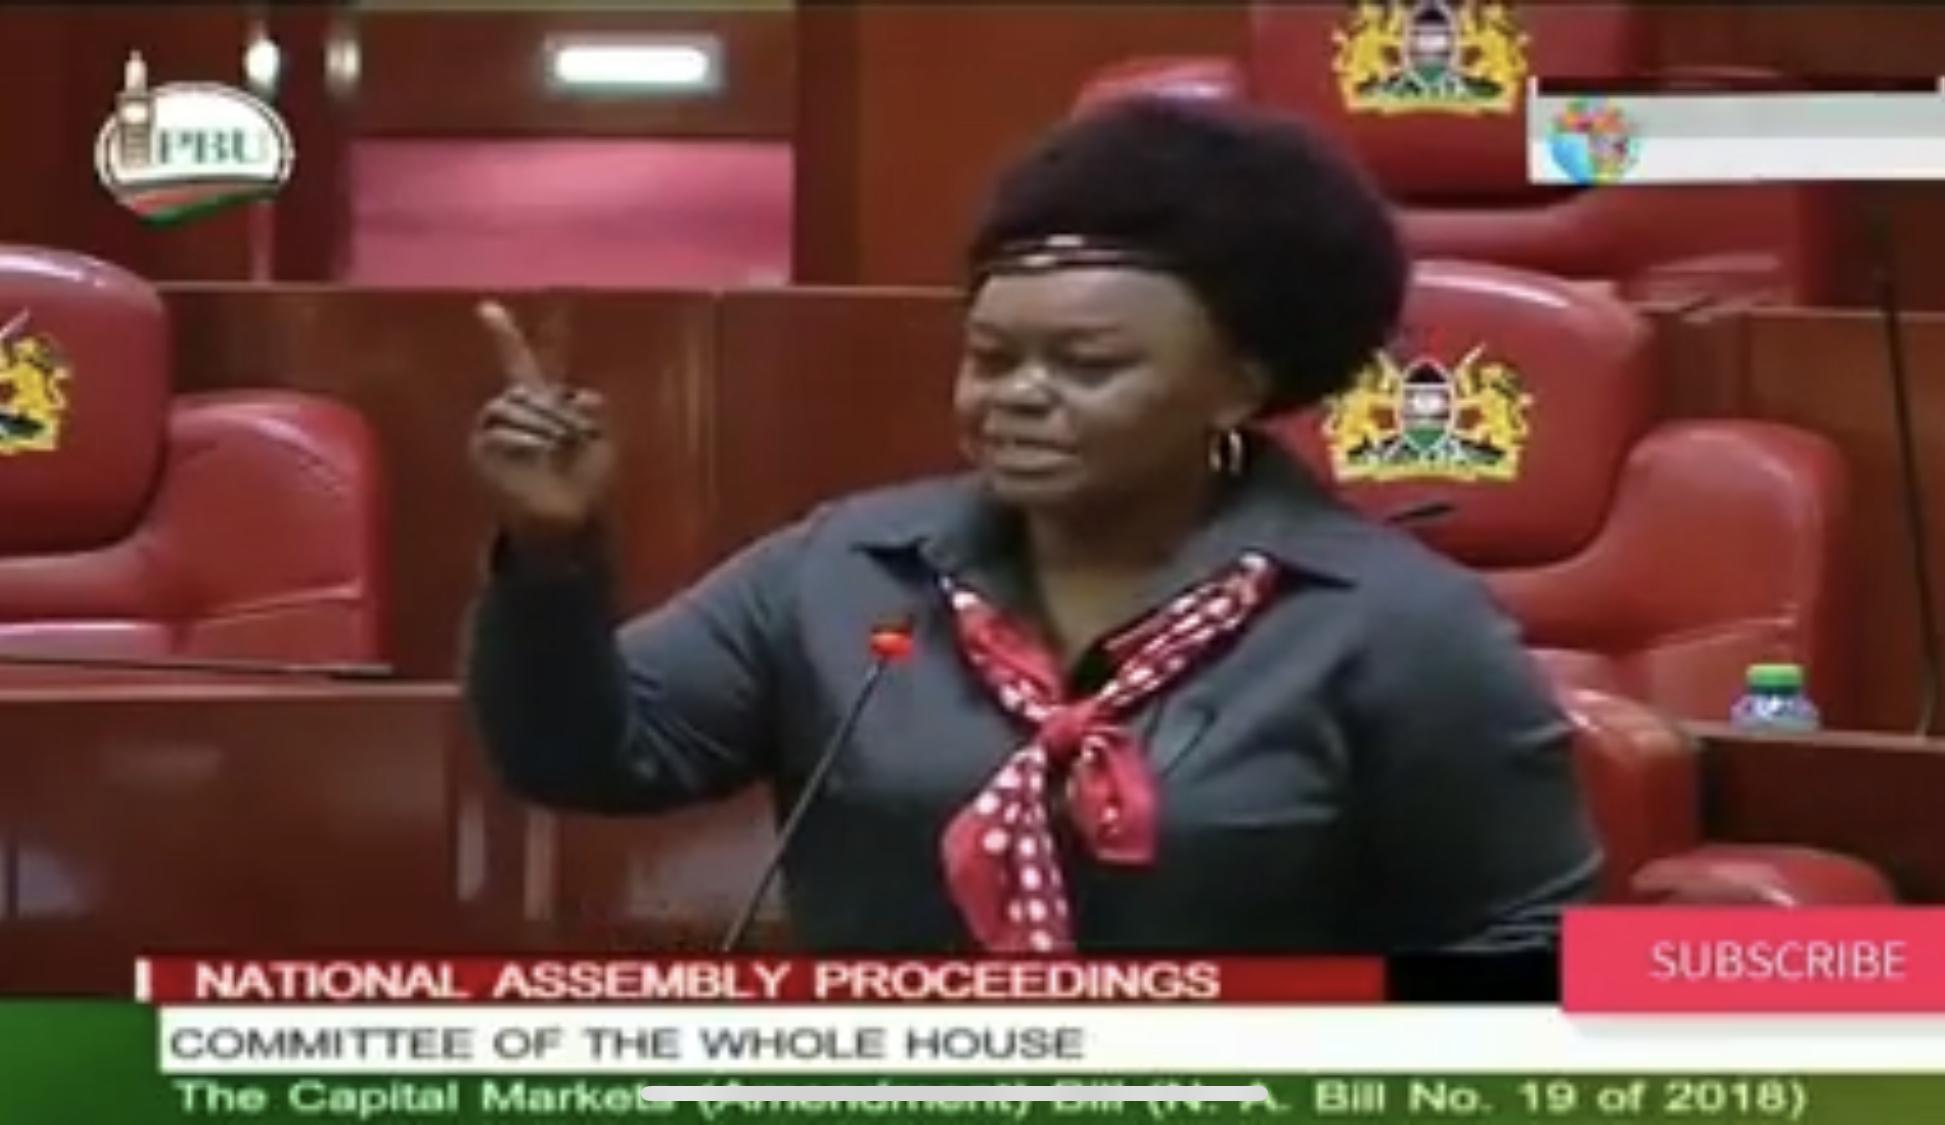 فيديو/برلمانيون في كينيا يحتجون على إطلاق زميل لهم للريح من دُبُرِه أثناء الجلسة